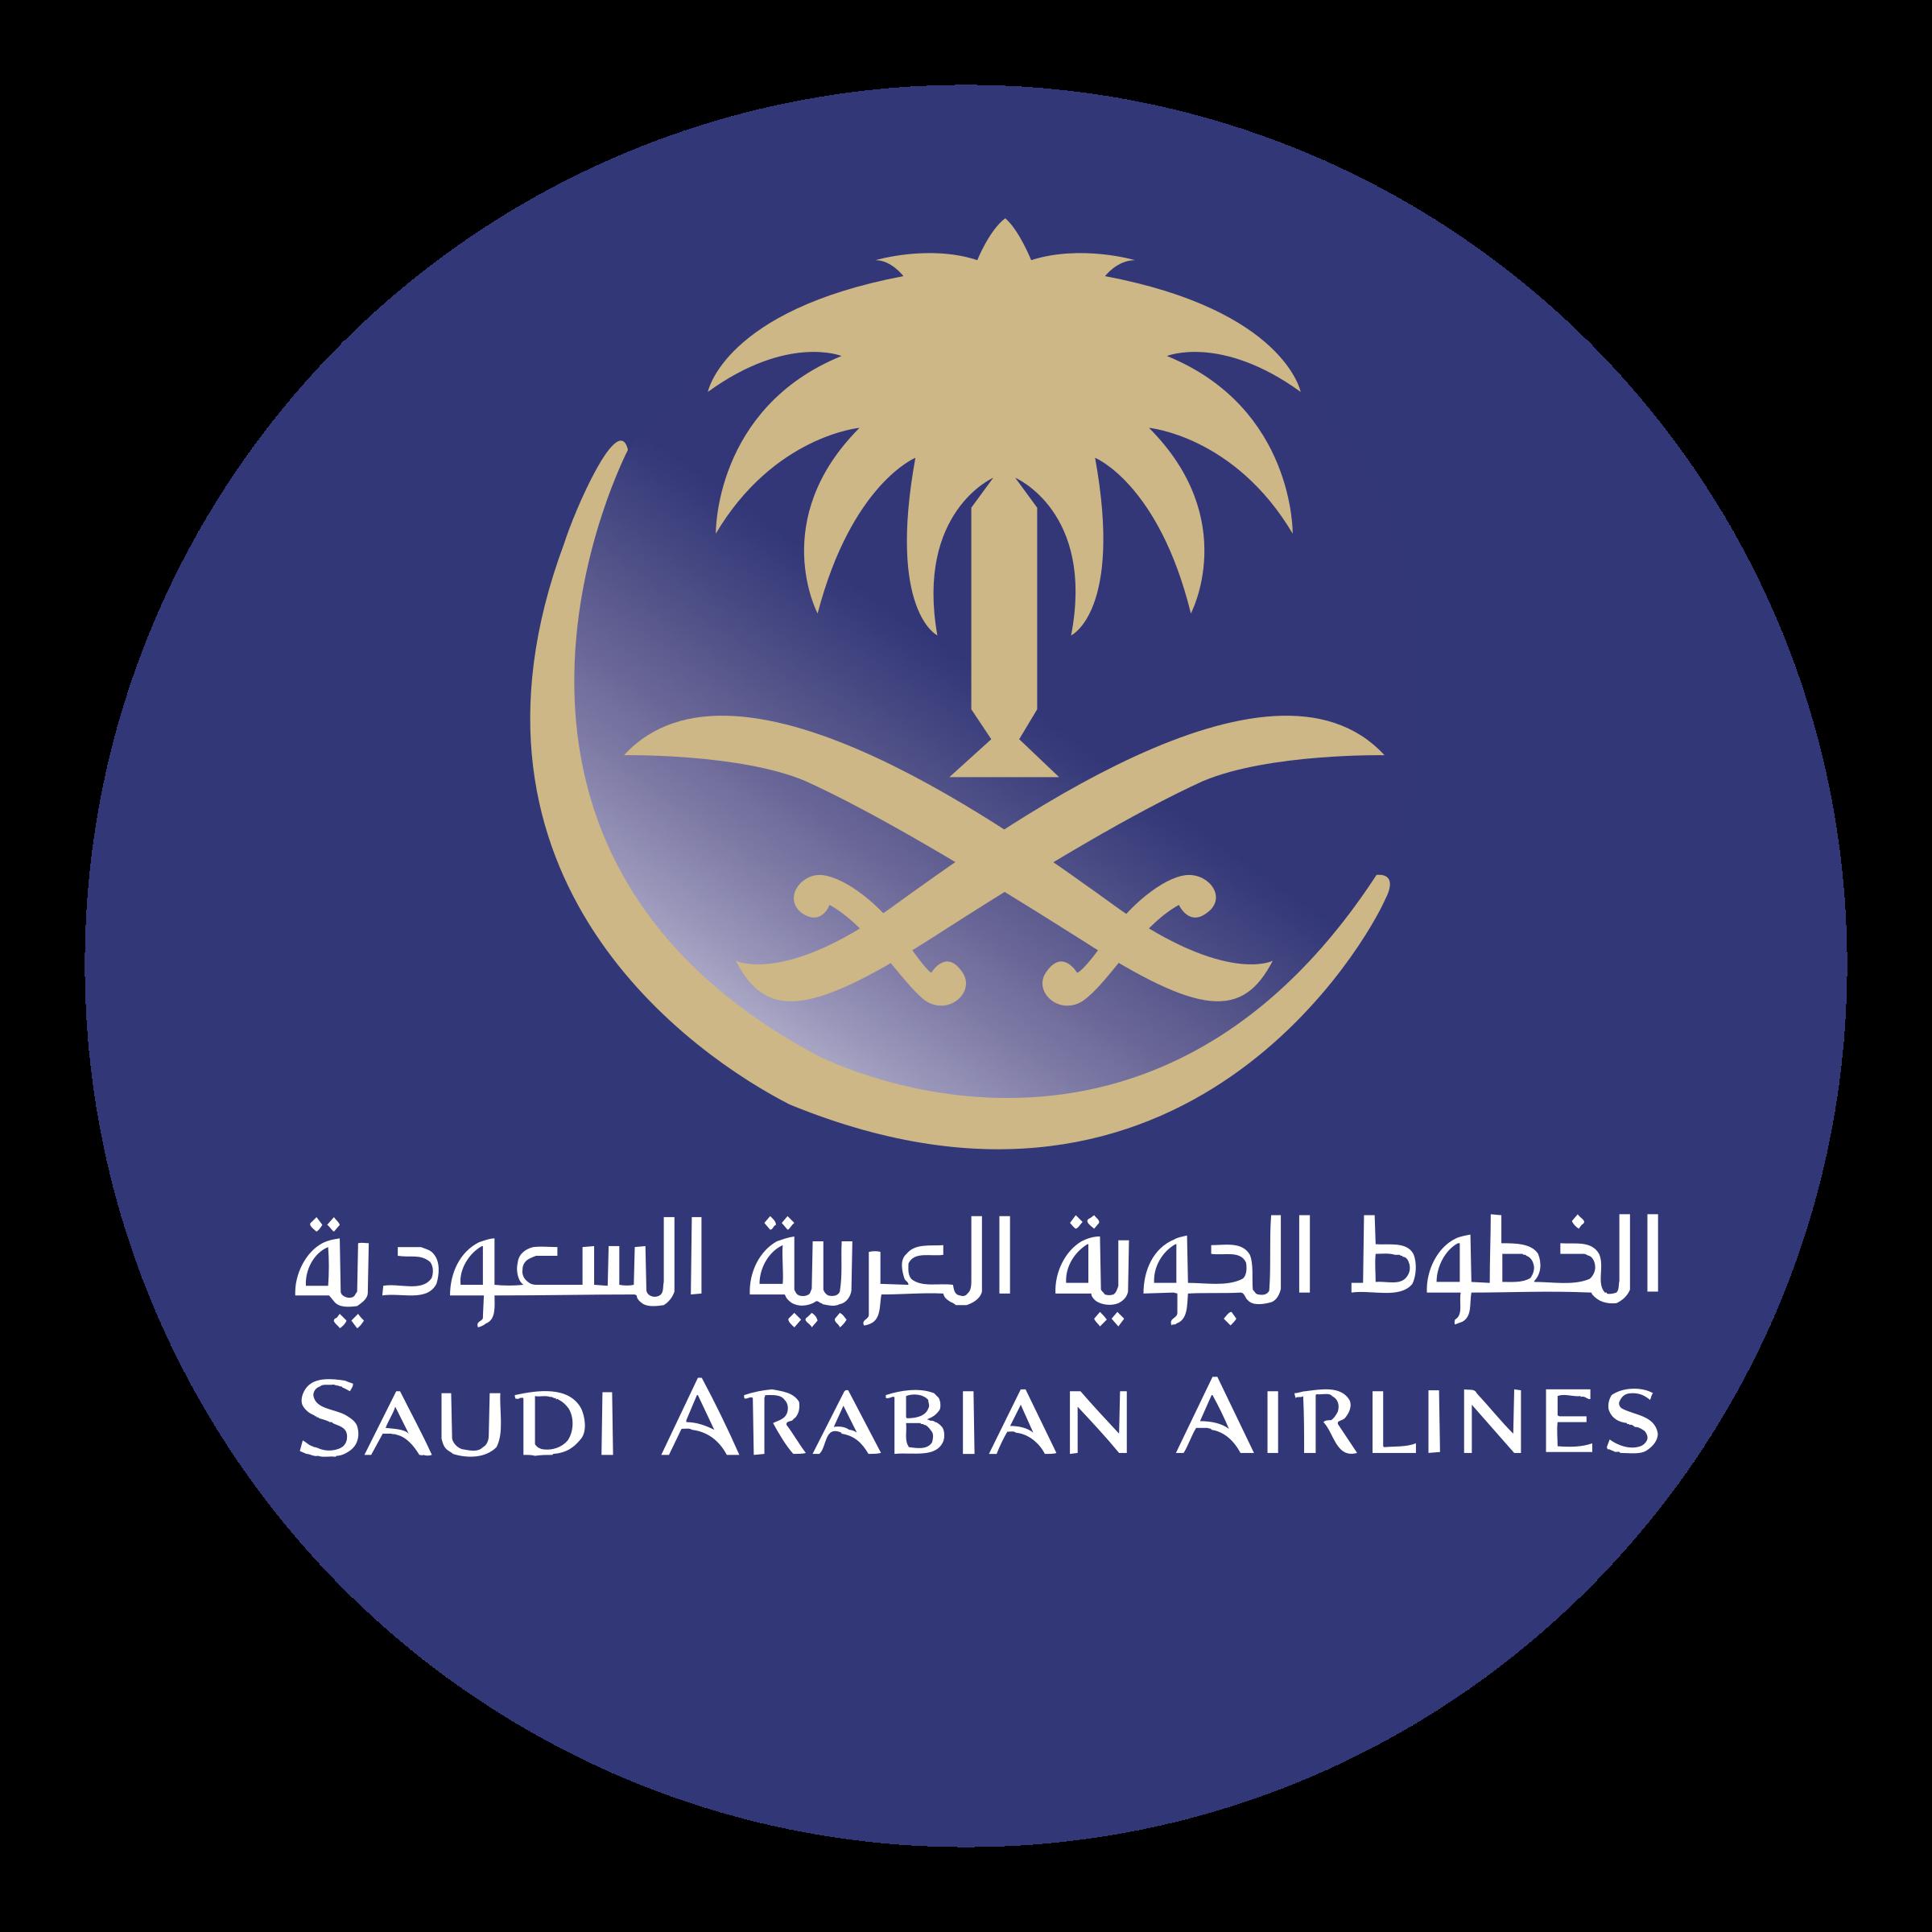 Resultado de imagen para saudi arabian airlines